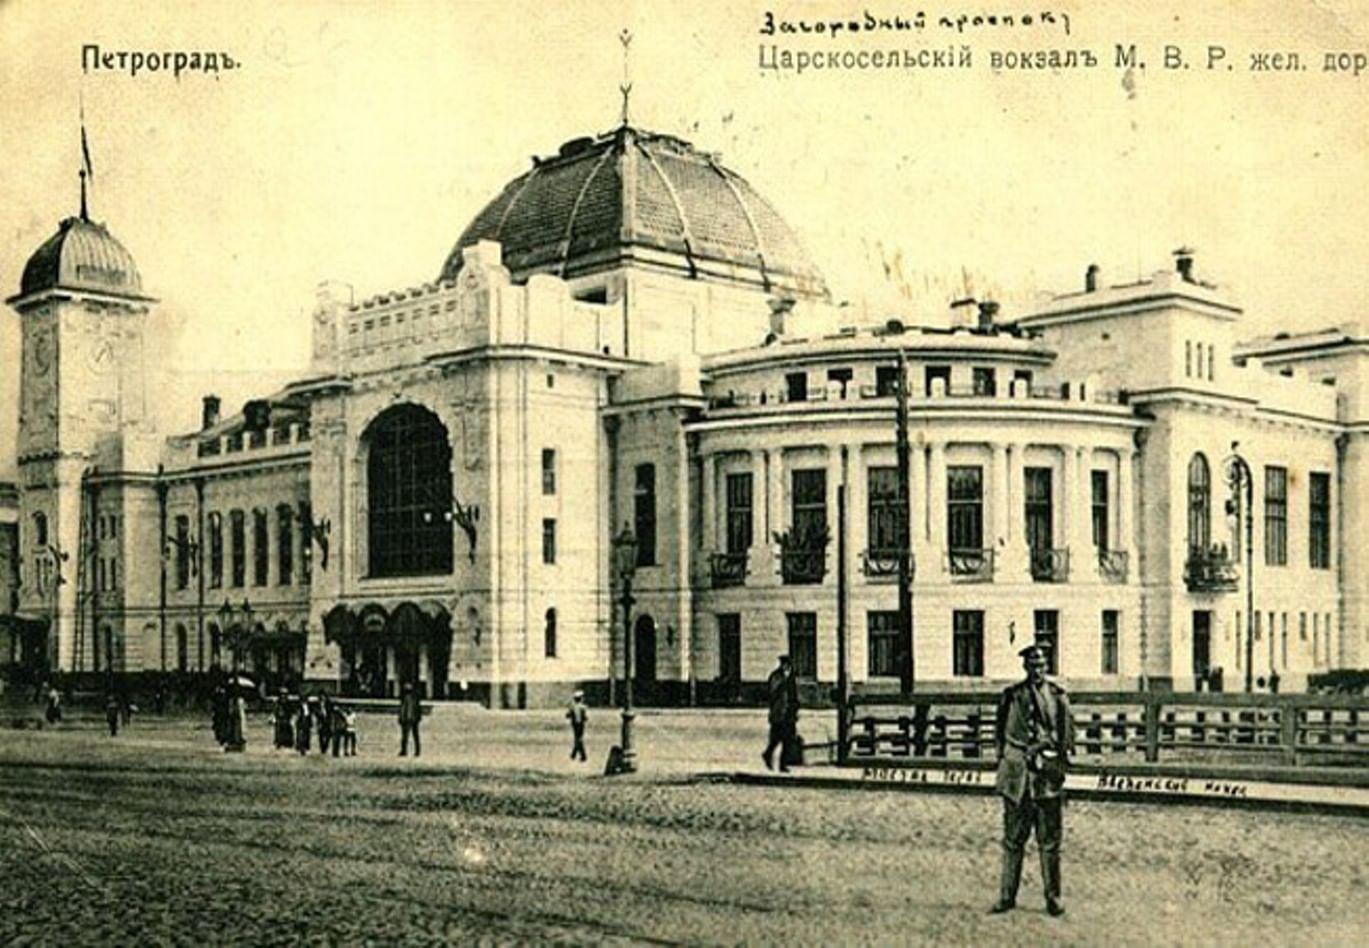 Царскосельский вокзал